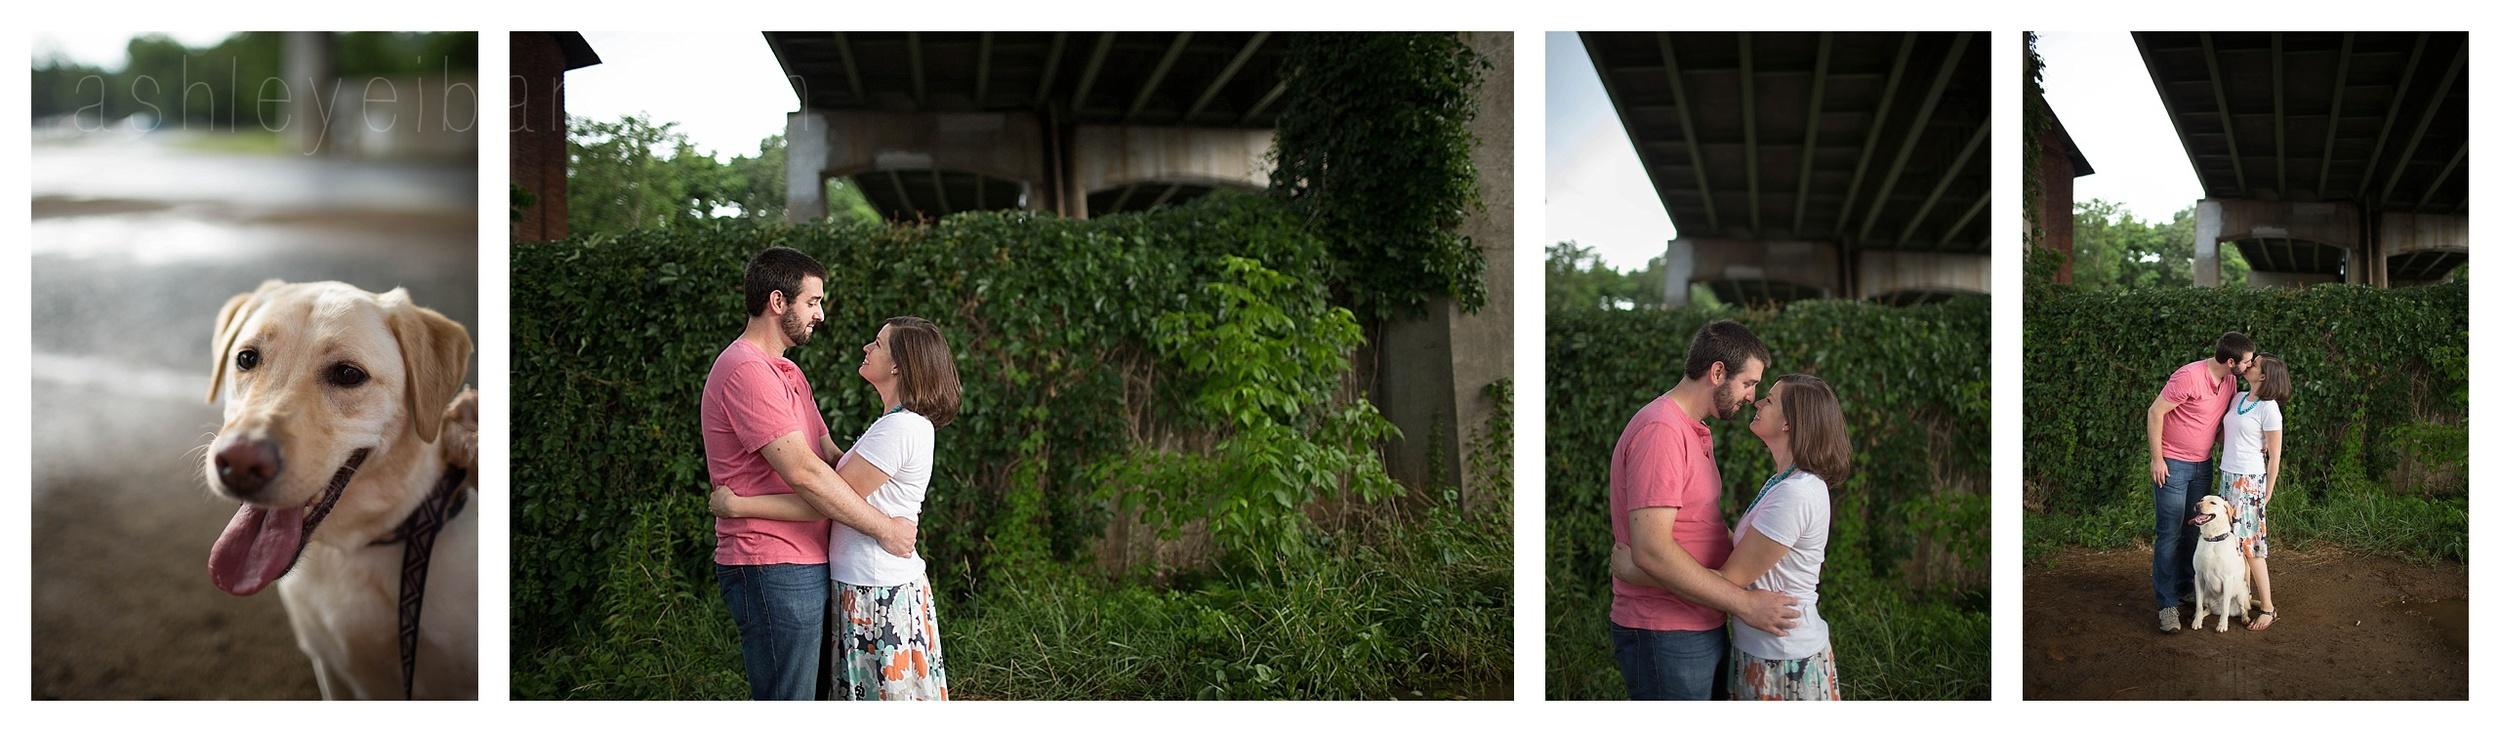 Downtown Lynchburg, Virginia engagement photographer    Ashley Eiban Photography    www.ashleyeiban.com